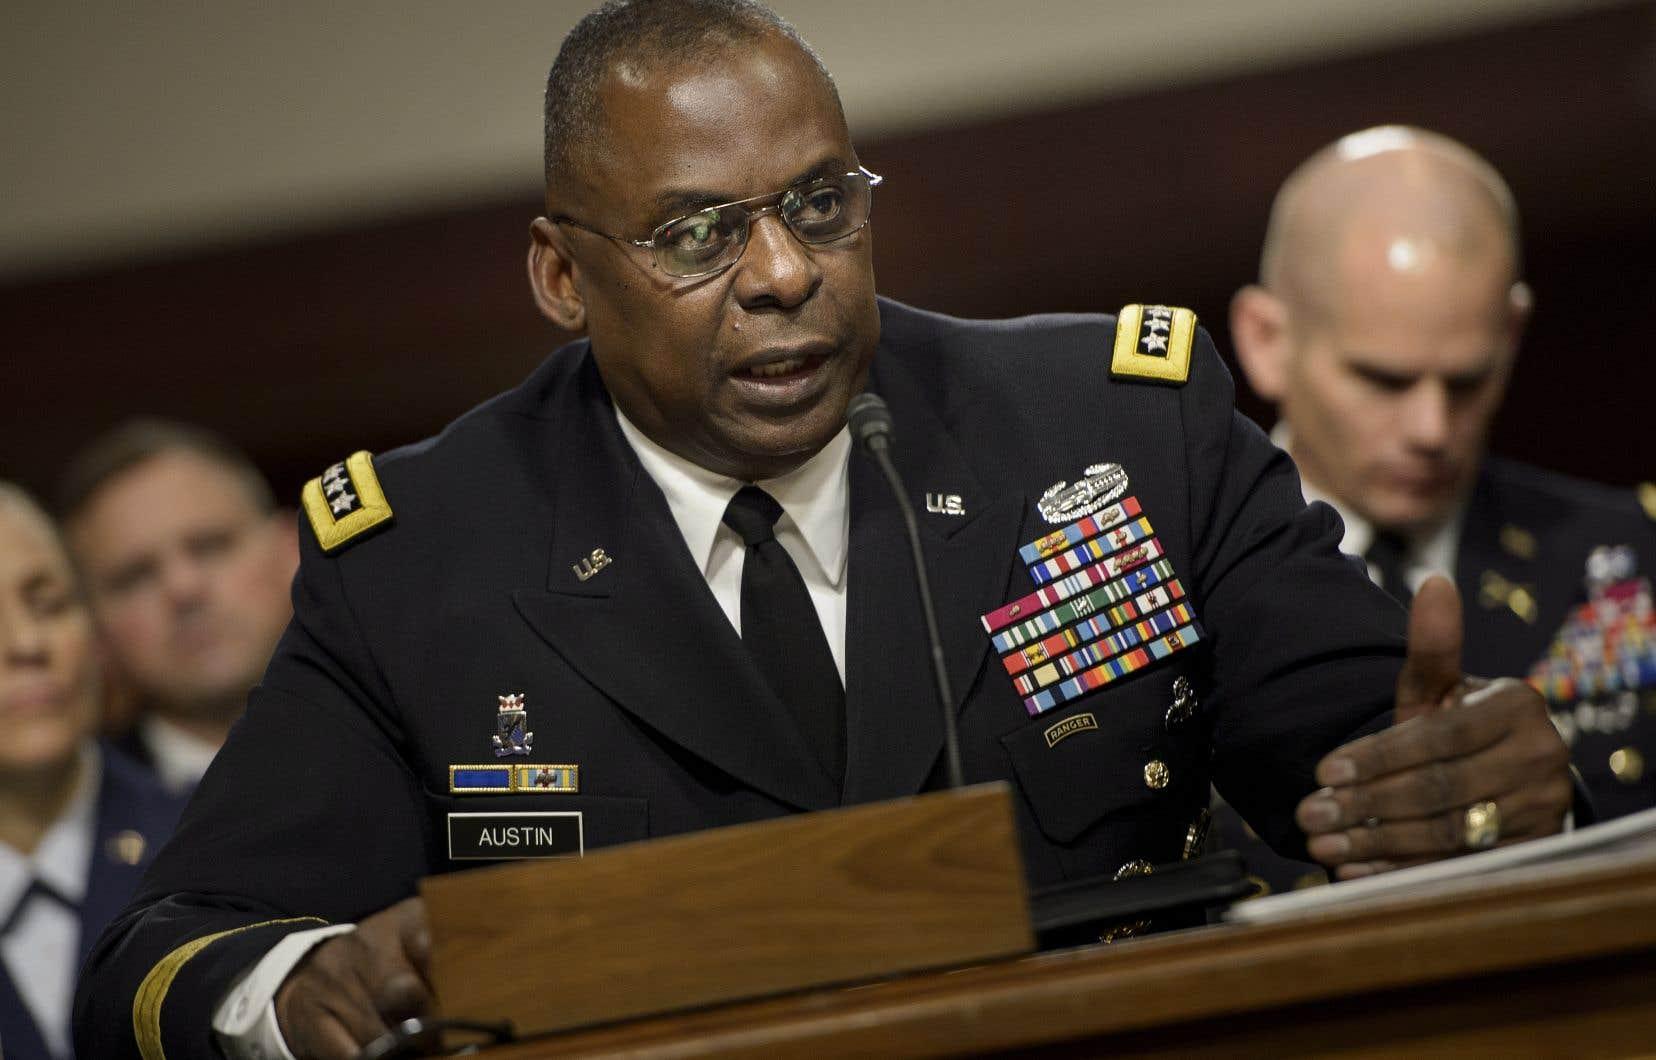 Lloyd Austin, ungénéral de l'armée de Terre à la retraite âgé de 67ans, a combattu en Irak et en Afghanistan avant de devenir le premier homme de couleur à diriger le commandement central de l'armée américaine (Centcom).